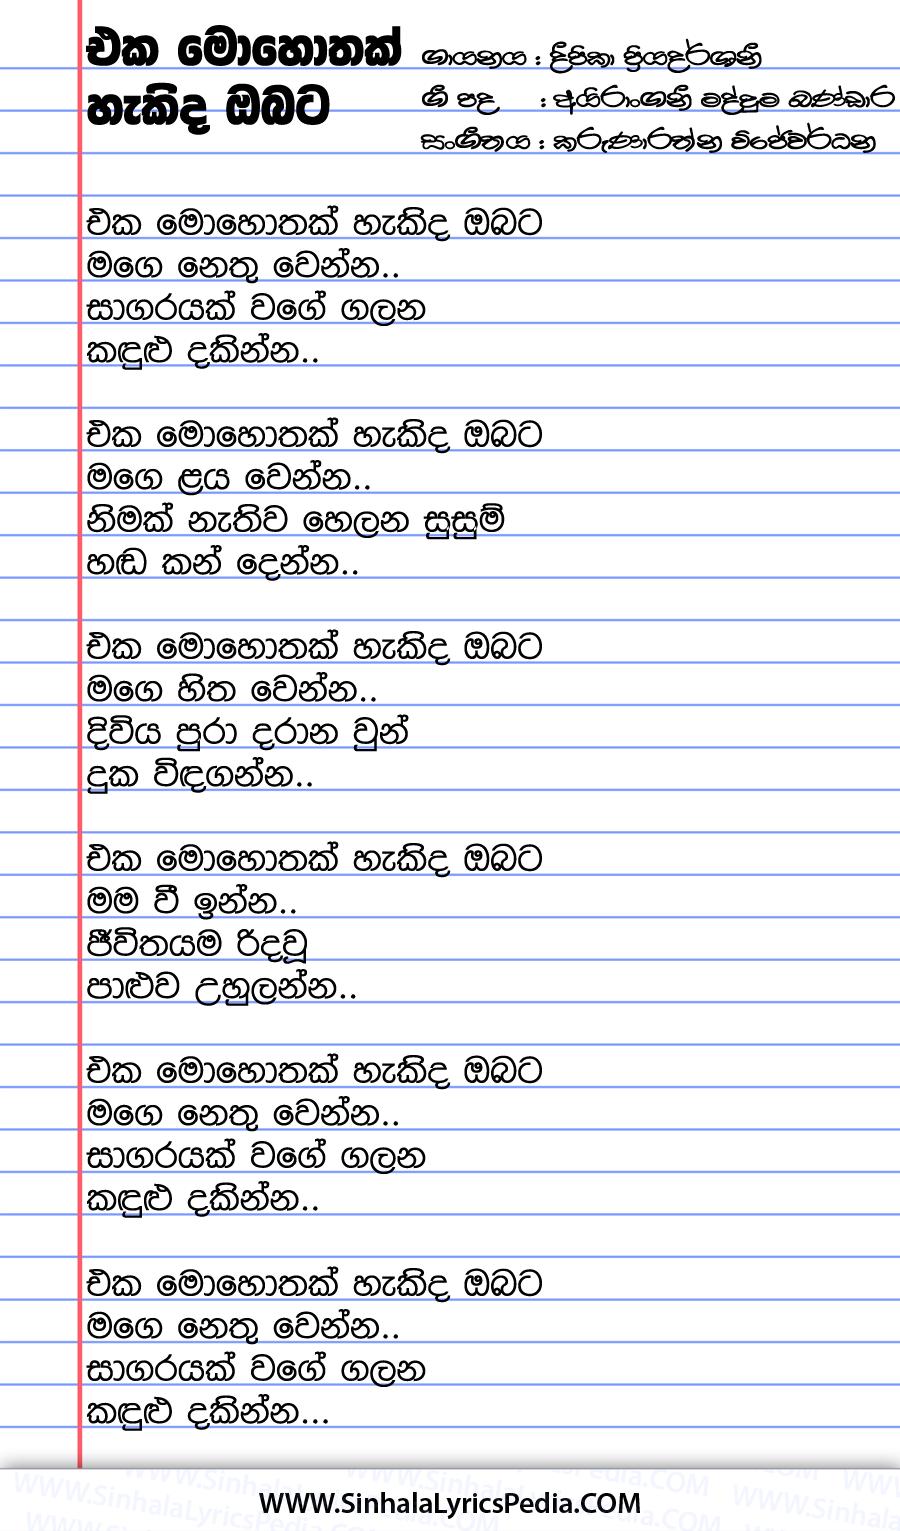 Eka Mohothak Hakida Obata Song Lyrics